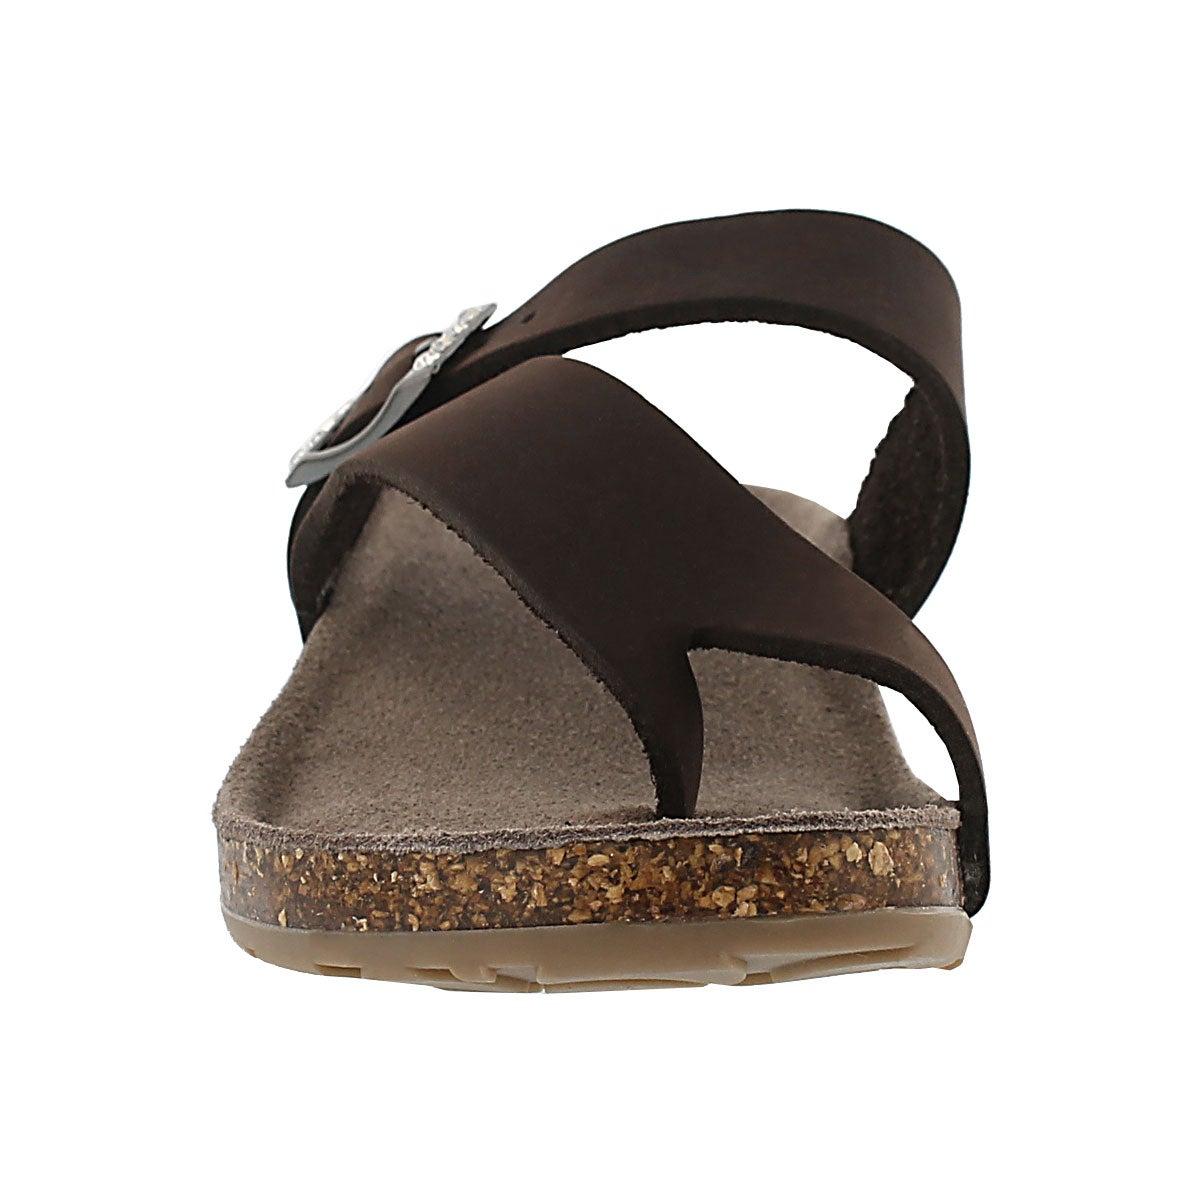 Sandale tong AMBER 3, brun, femmes